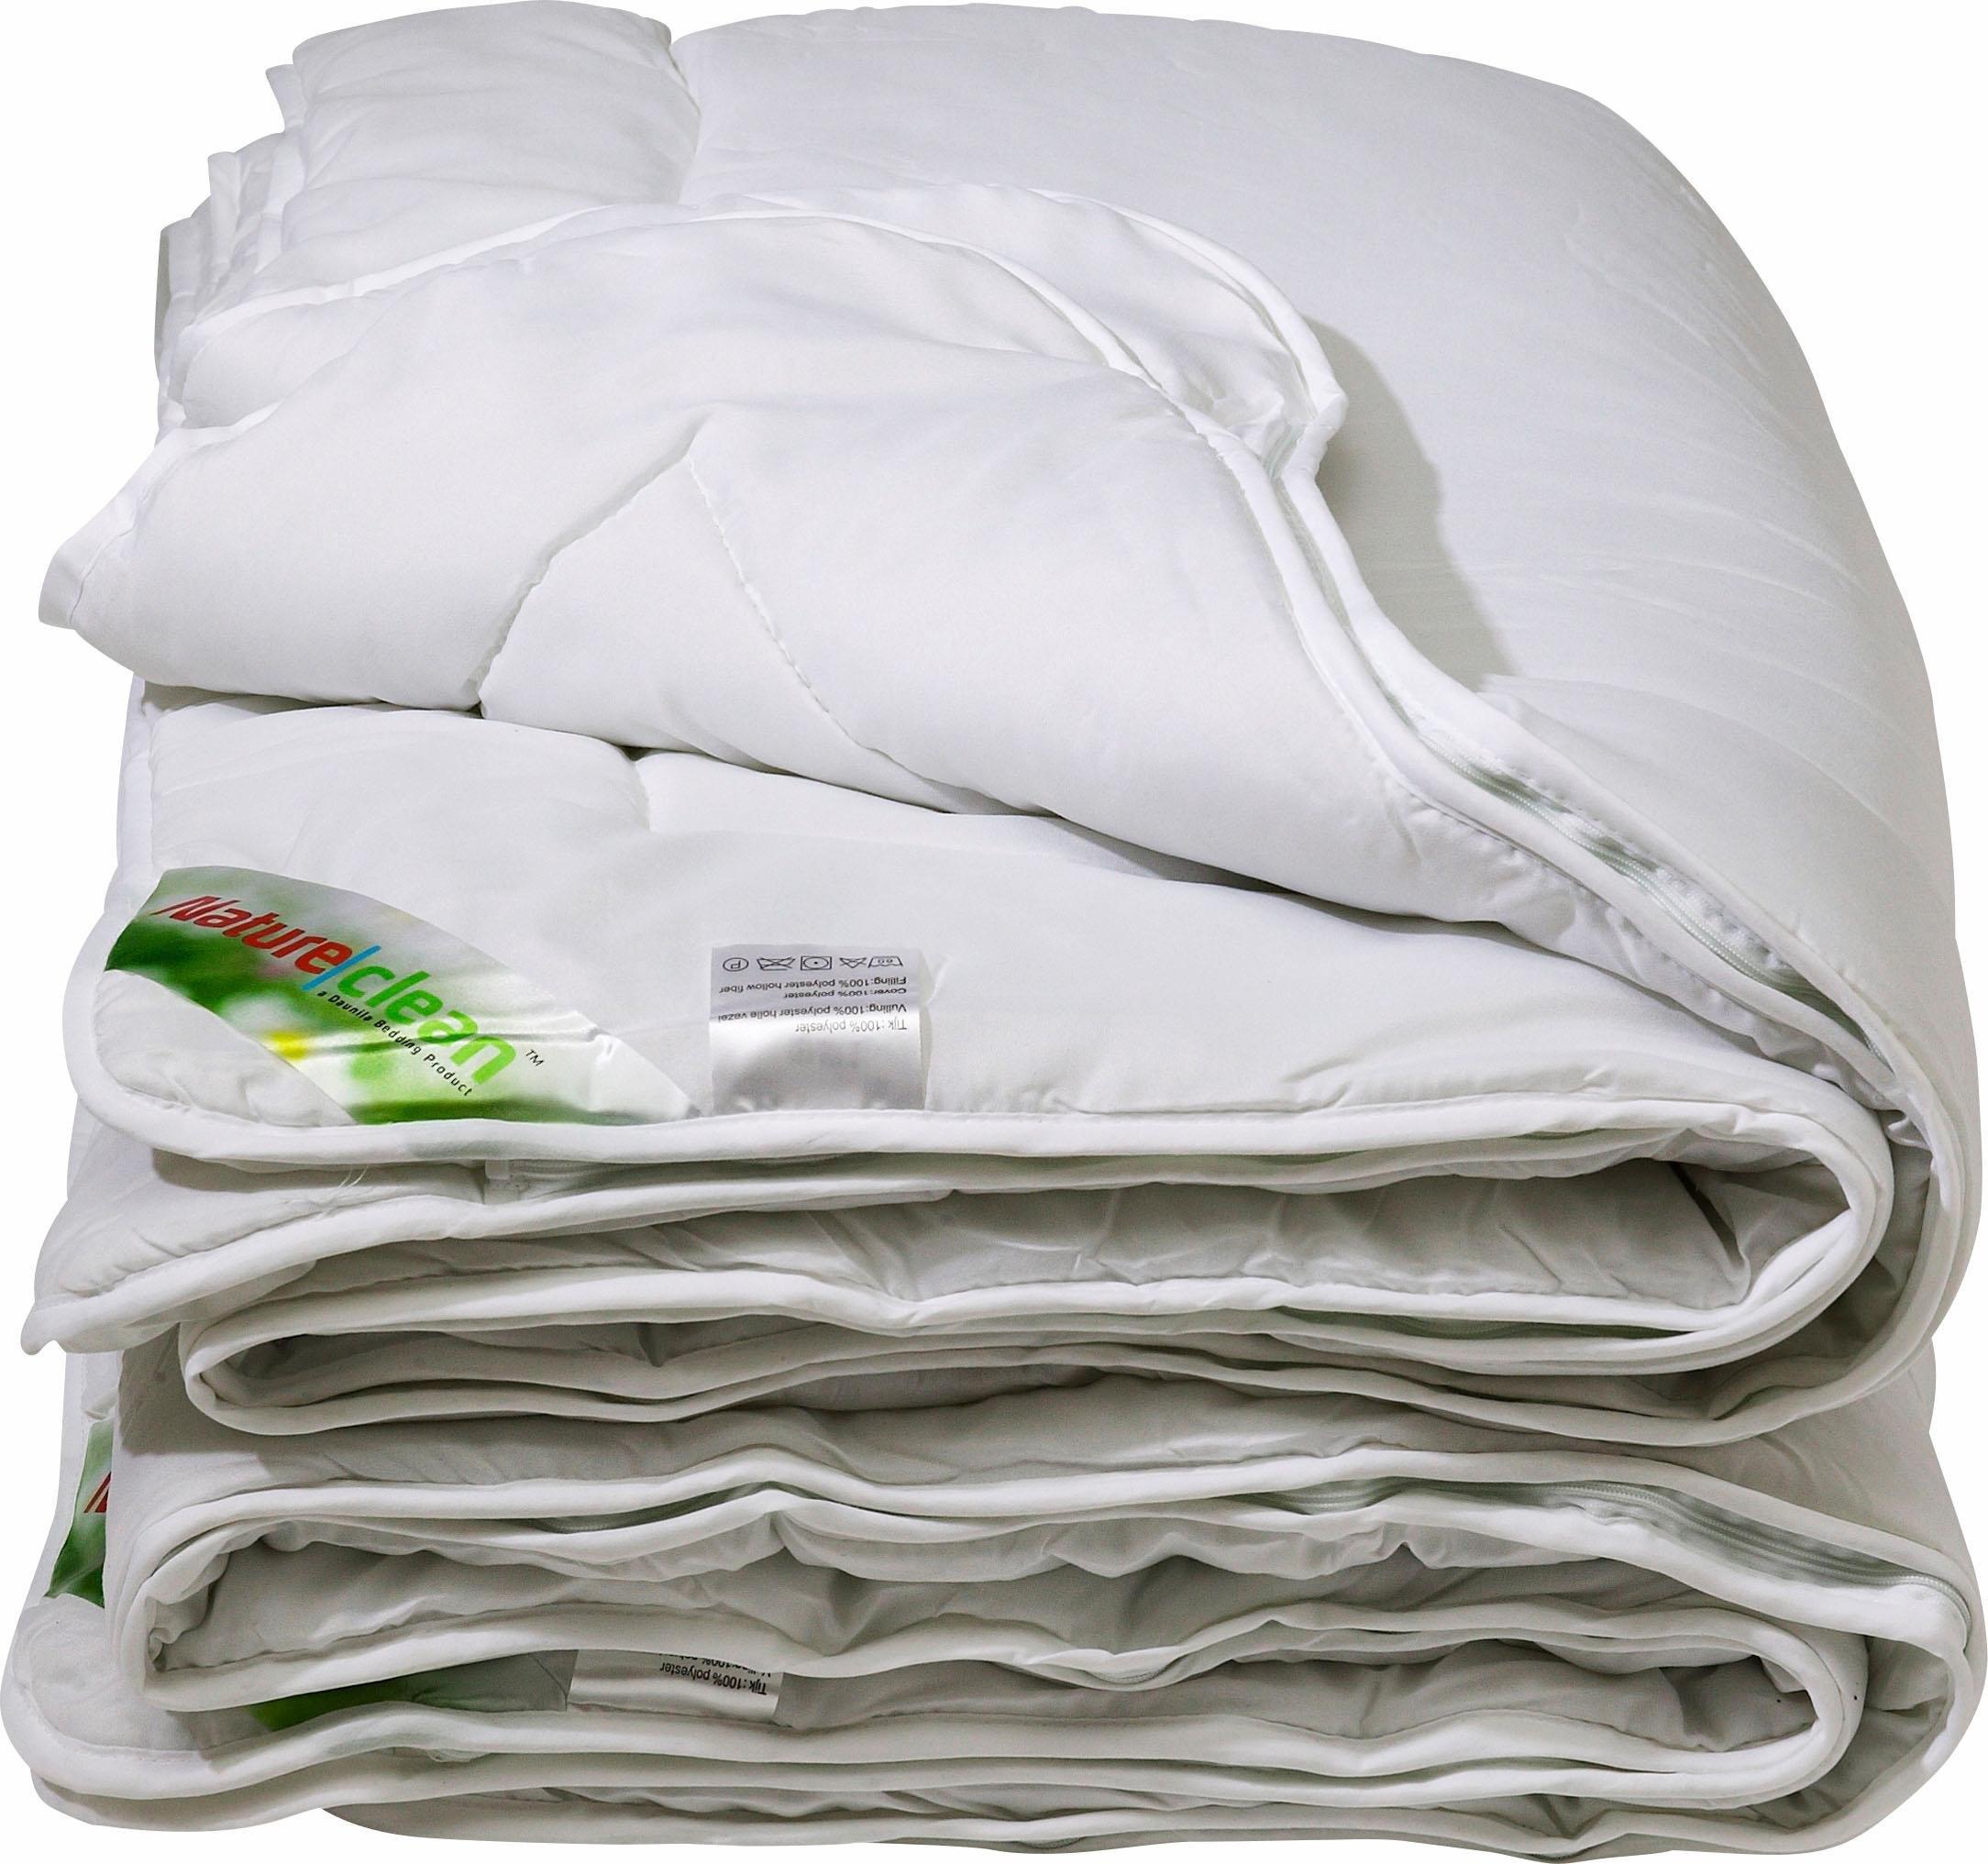 Mps Textiles 4-seizoenendekbed, »Nature Clean 4 Jahreszeiten-Decke«, 4-seizoenen, (1-dlg.) - verschillende betaalmethodes